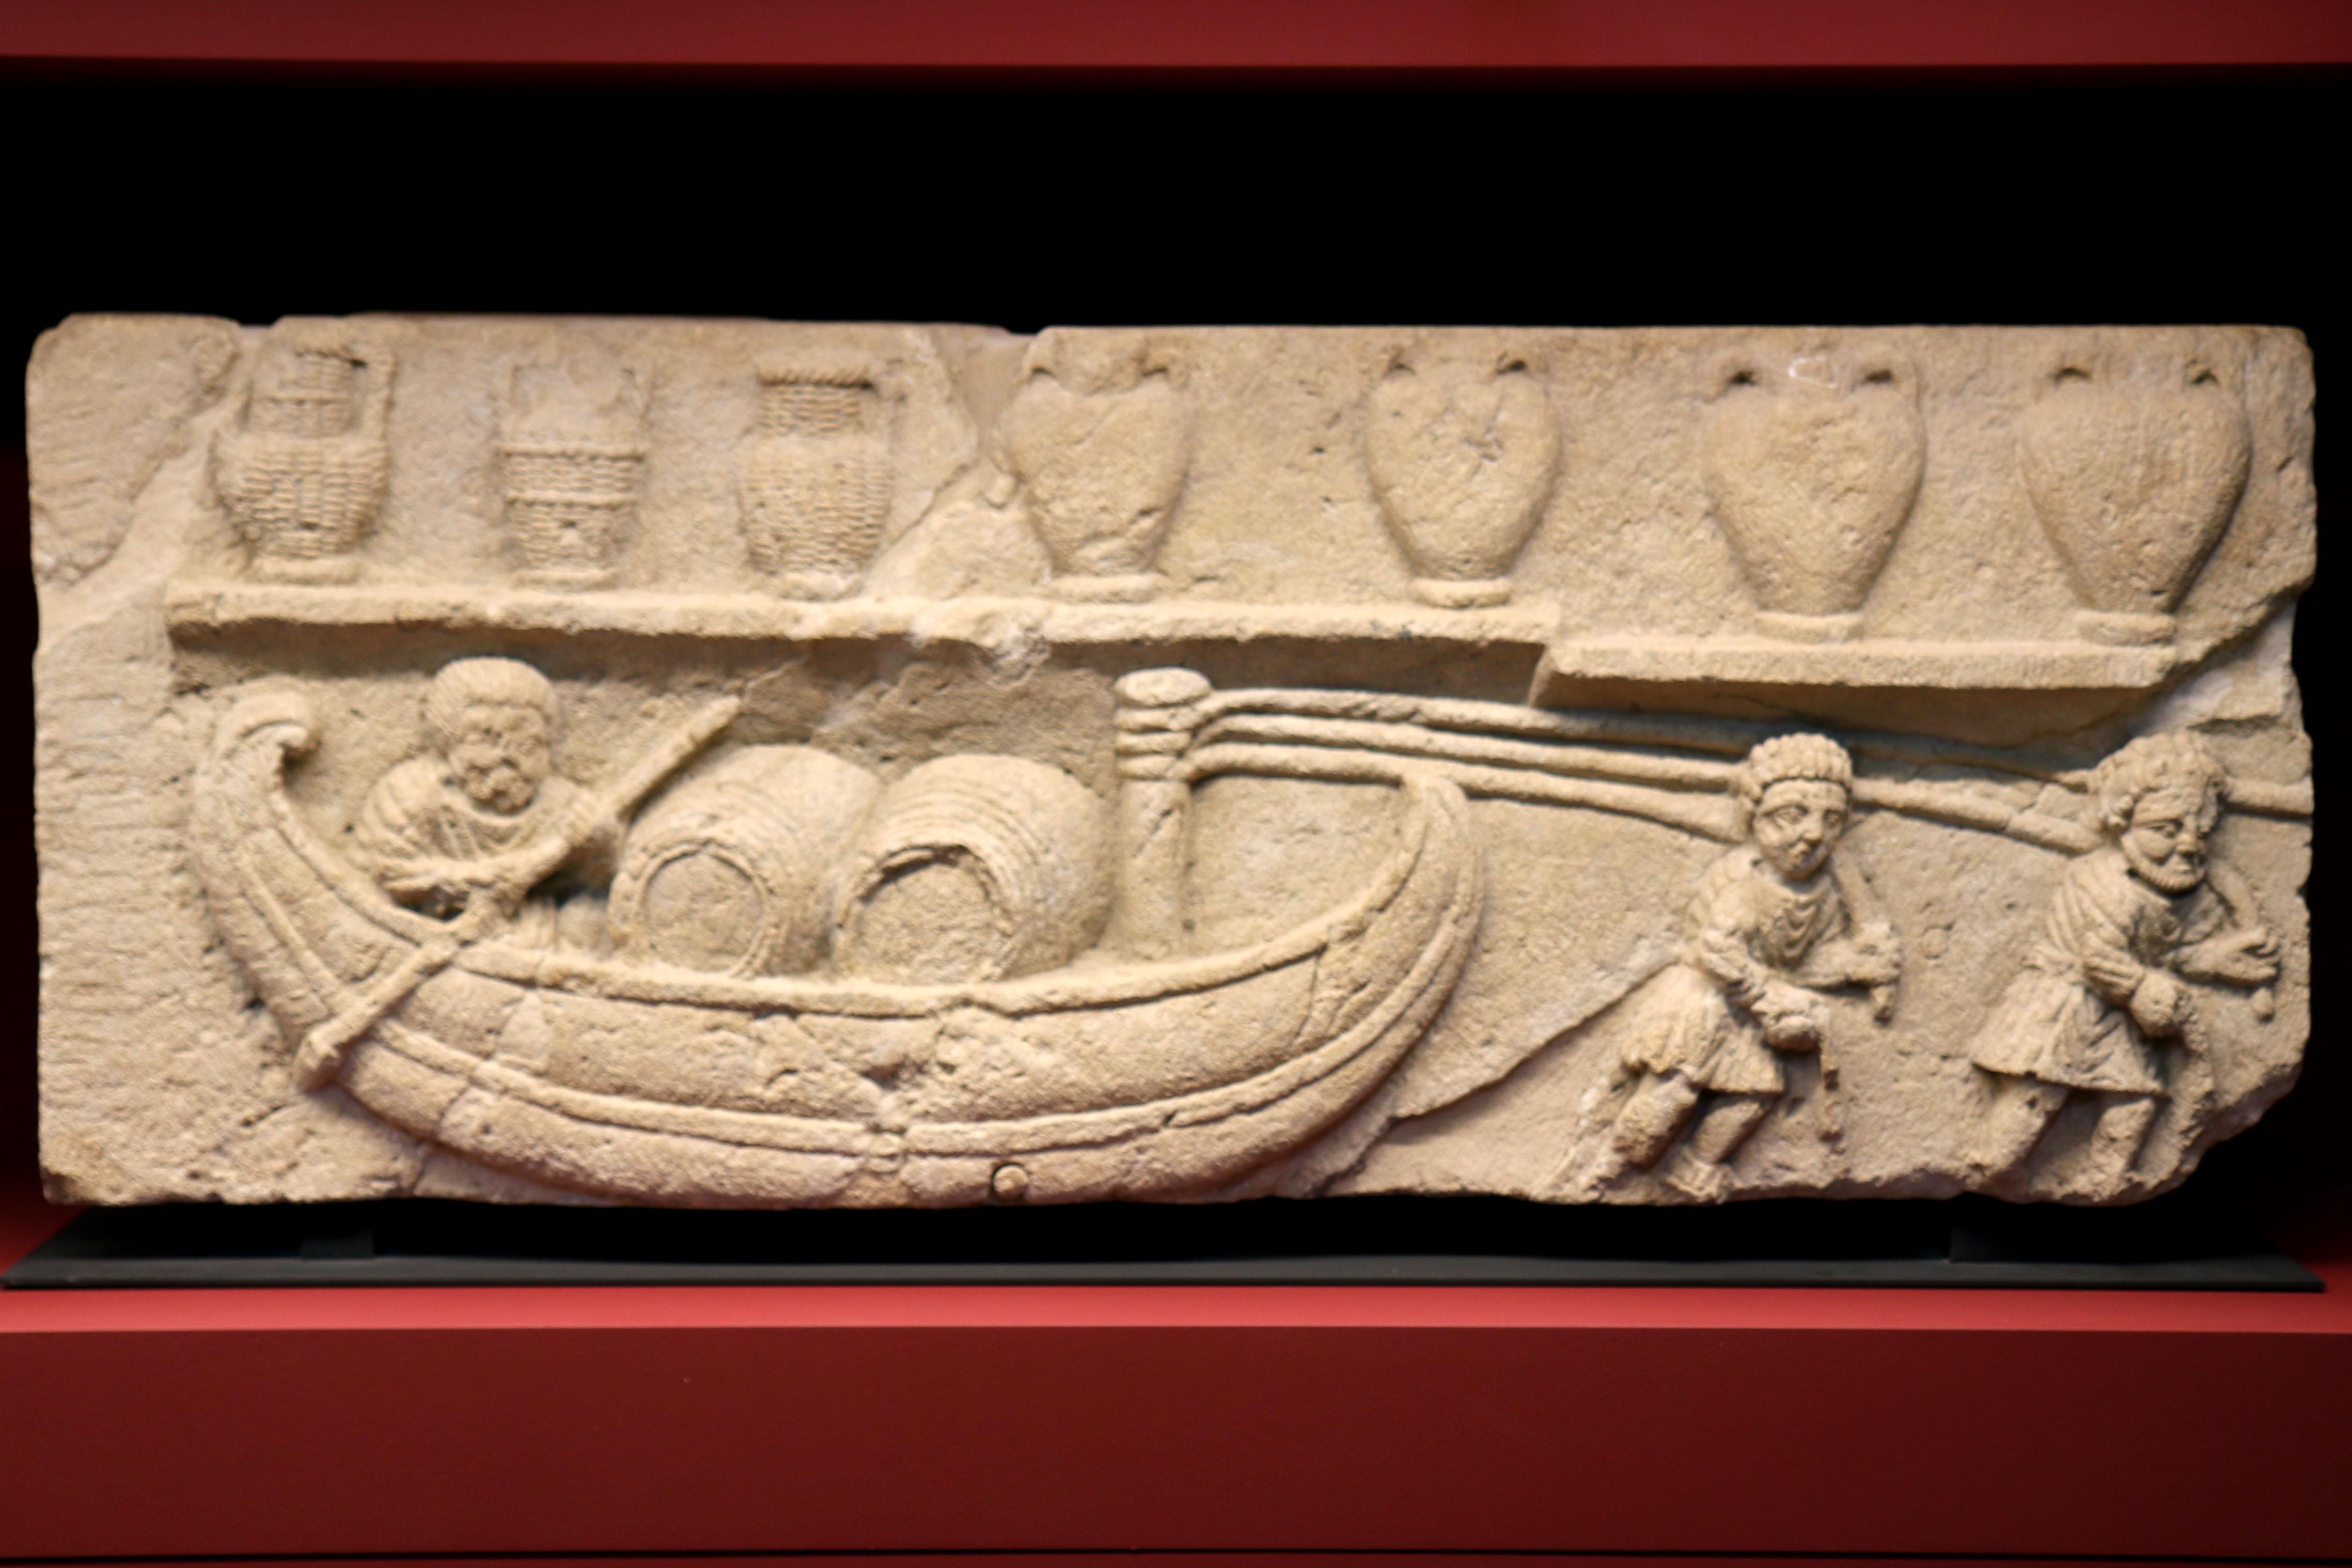 Musée lapidaire Avignon-Scène de halage.jpg